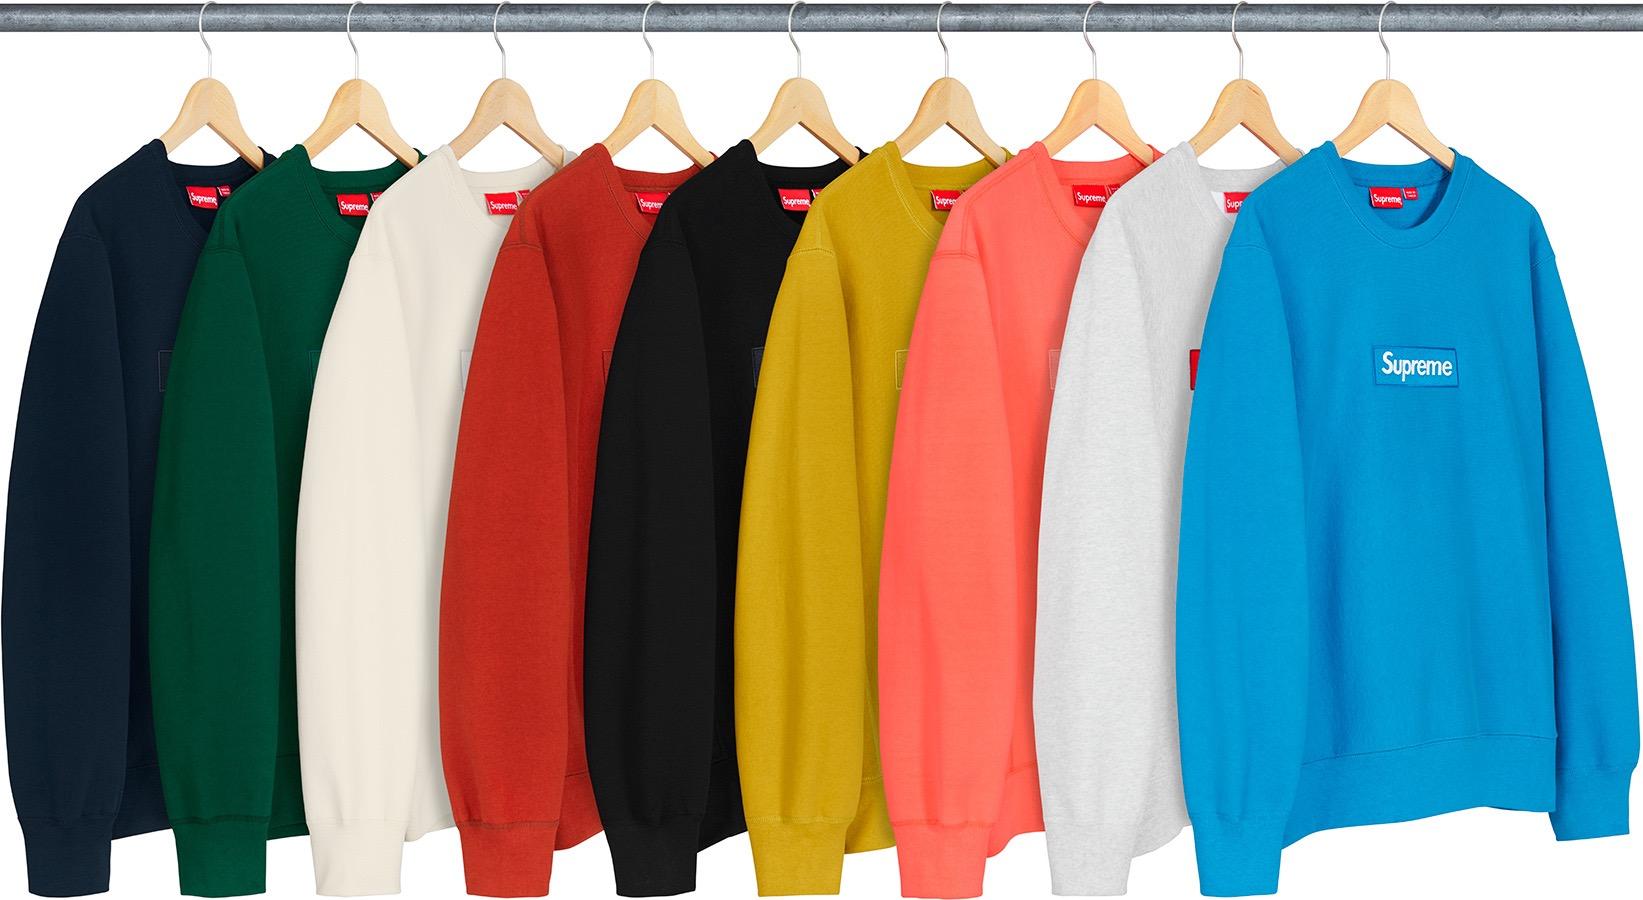 """Résultat de recherche d'images pour """"supreme clothes winter 2018"""""""